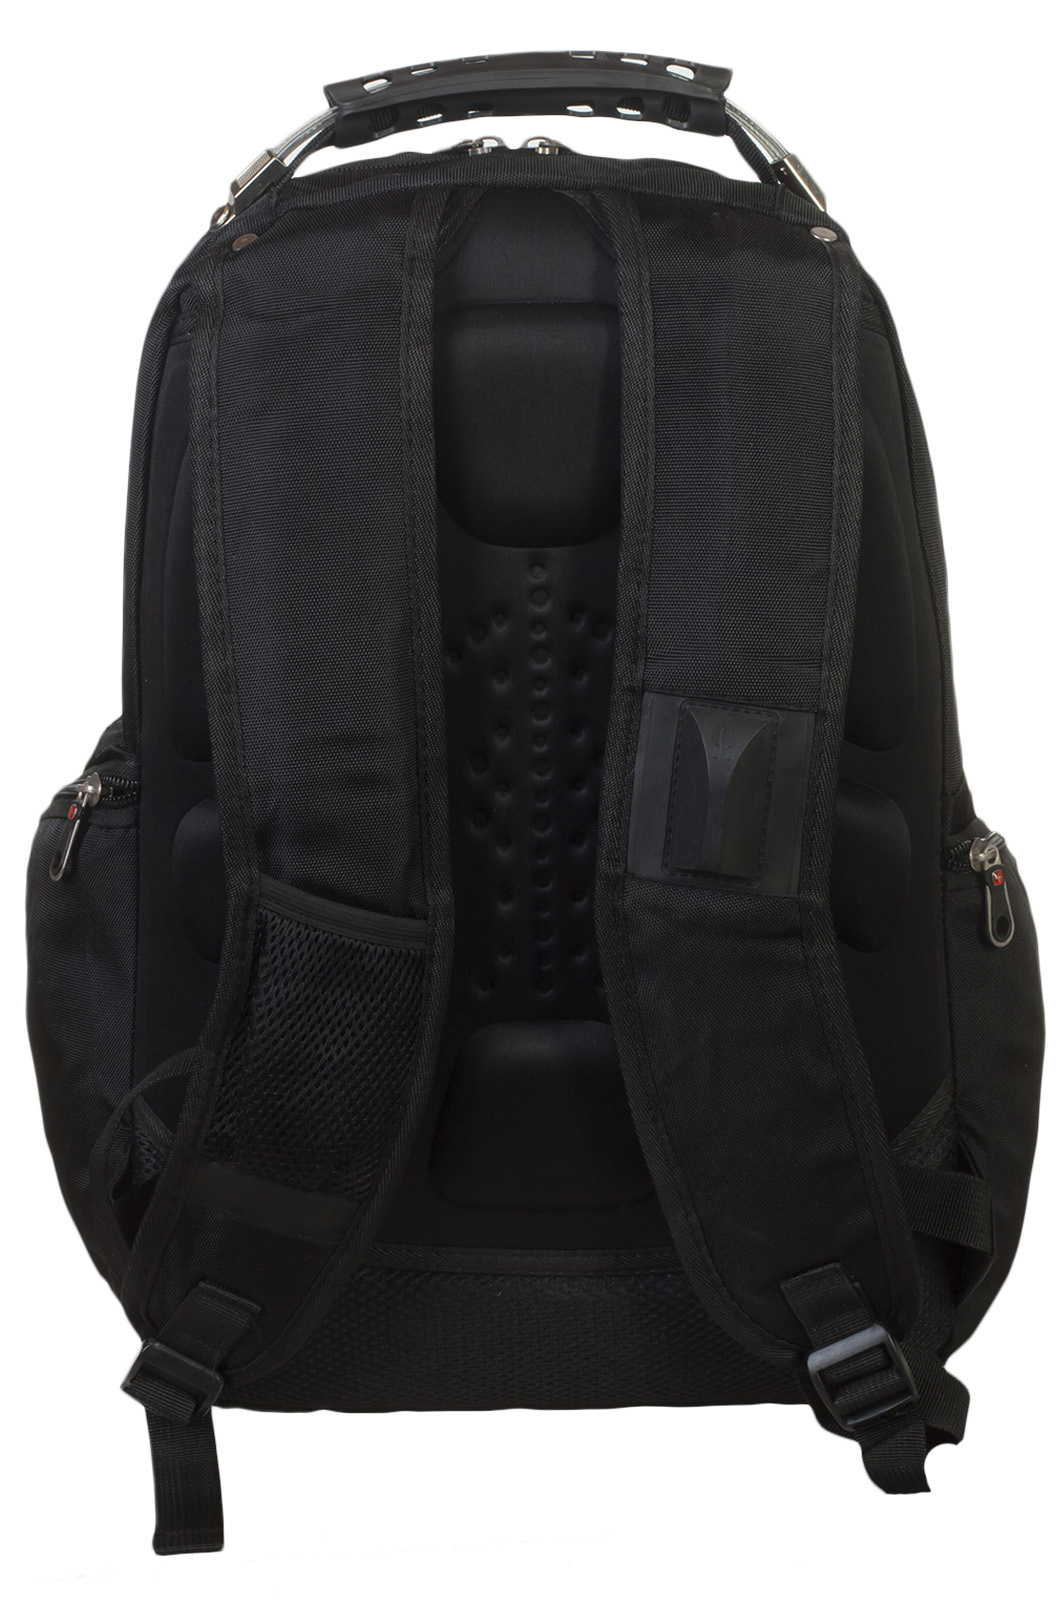 Четкий городской рюкзак с гербом ФСО купить в розницу или оптом